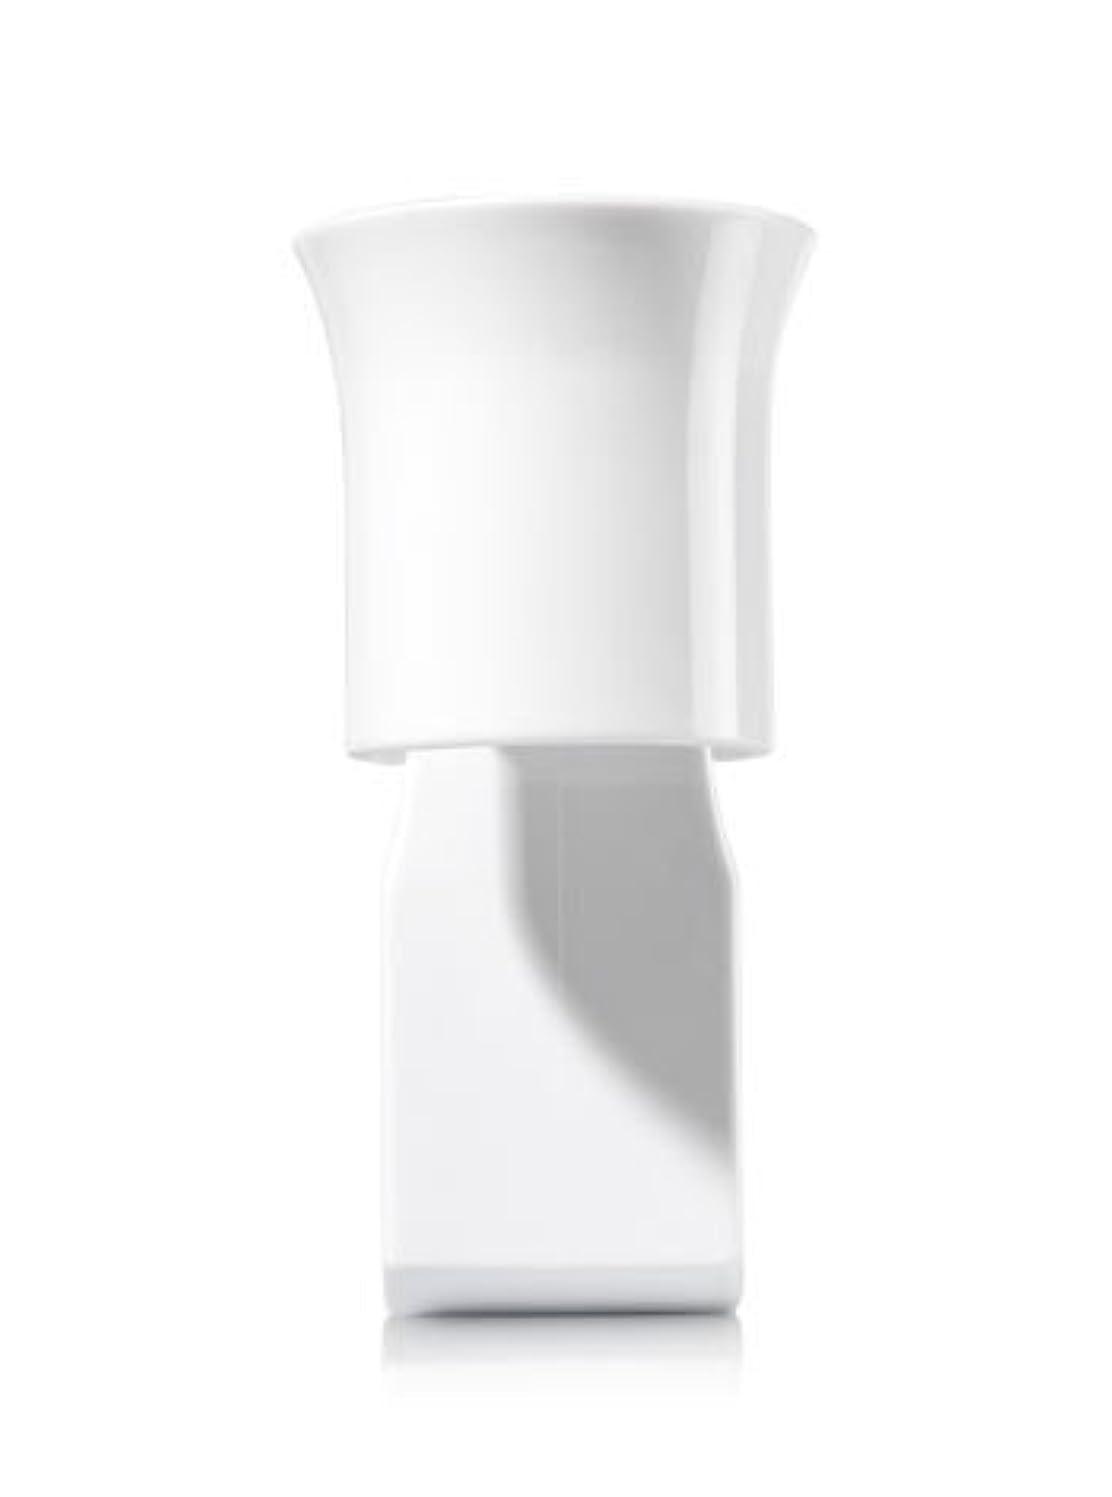 前方へビュッフェ本能【Bath&Body Works/バス&ボディワークス】 ルームフレグランス プラグインスターター (本体のみ) ホワイトフレアー Wallflowers Fragrance Plug White Flare [並行輸入品]